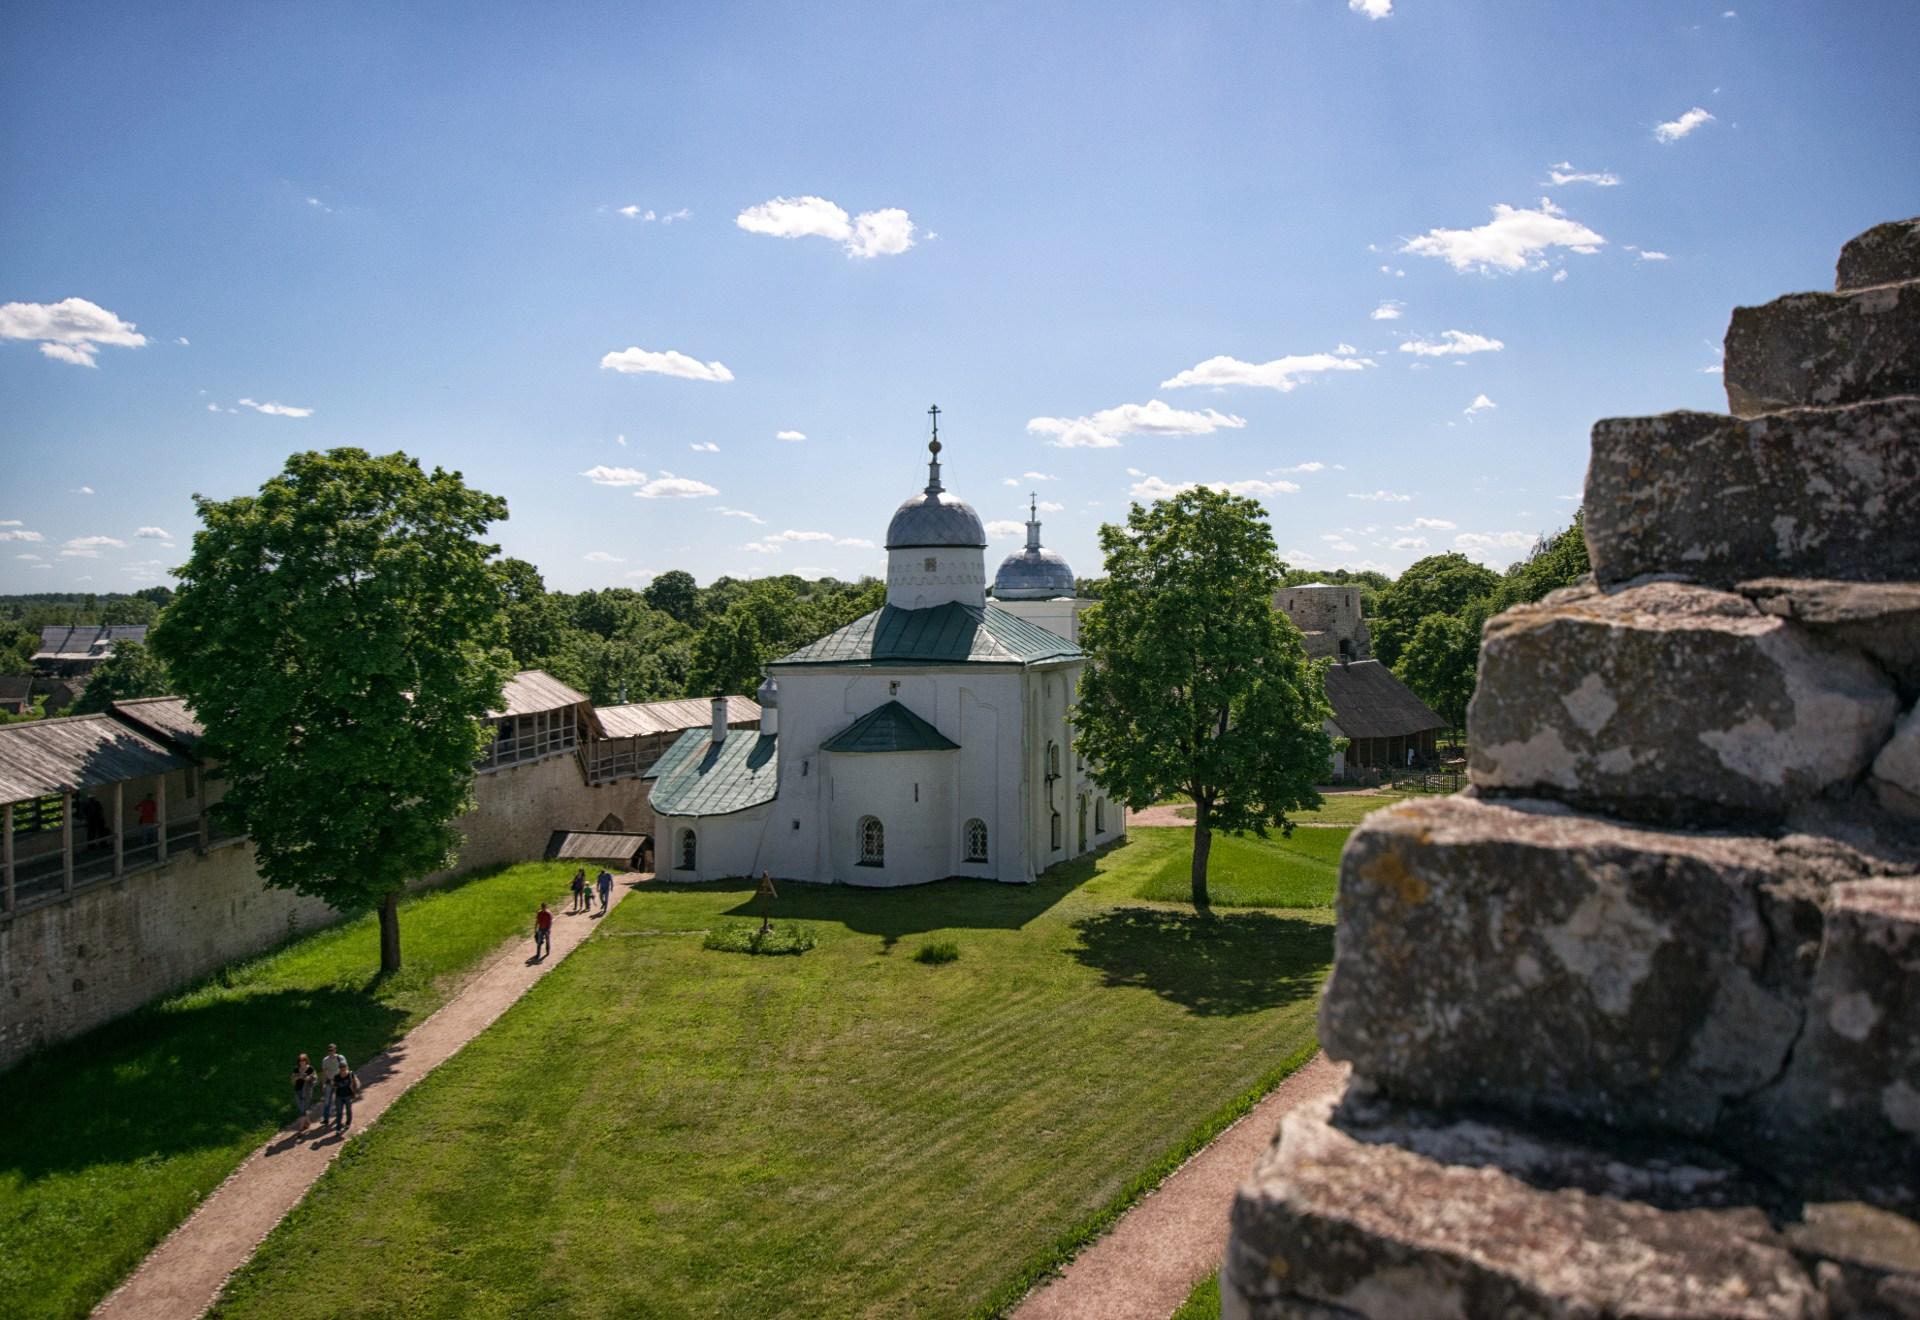 27 1 - As 10 aldeias mais bonitas da Rússia